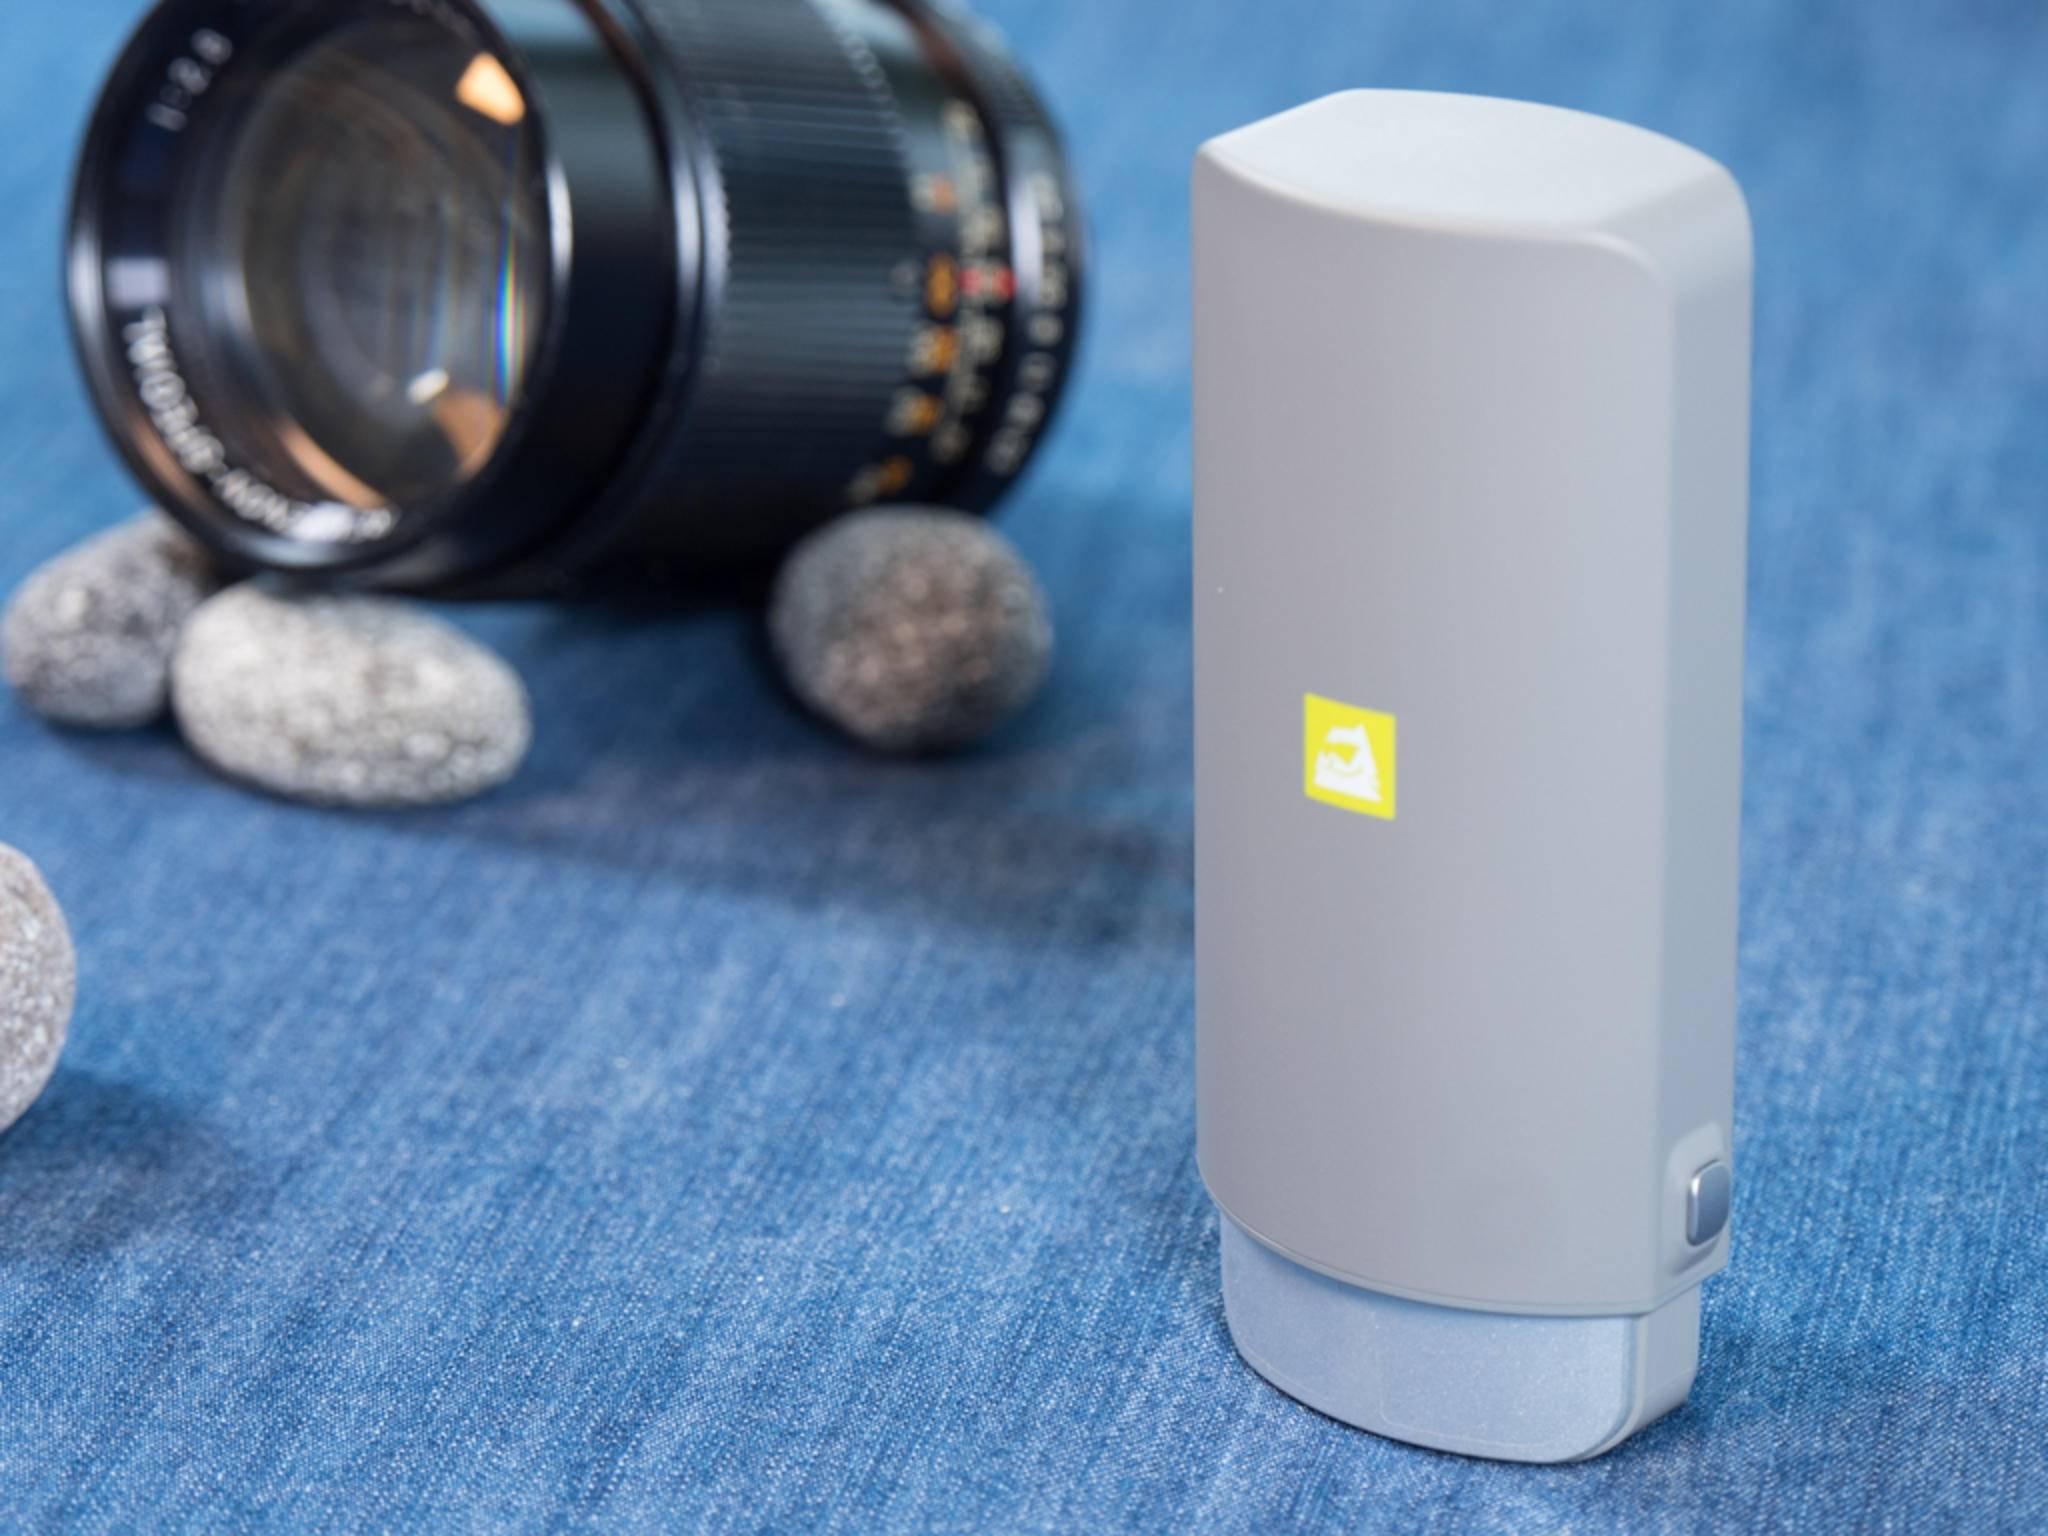 Unterwegs passt die LG 360 Cam bequem in die Hosentasche.